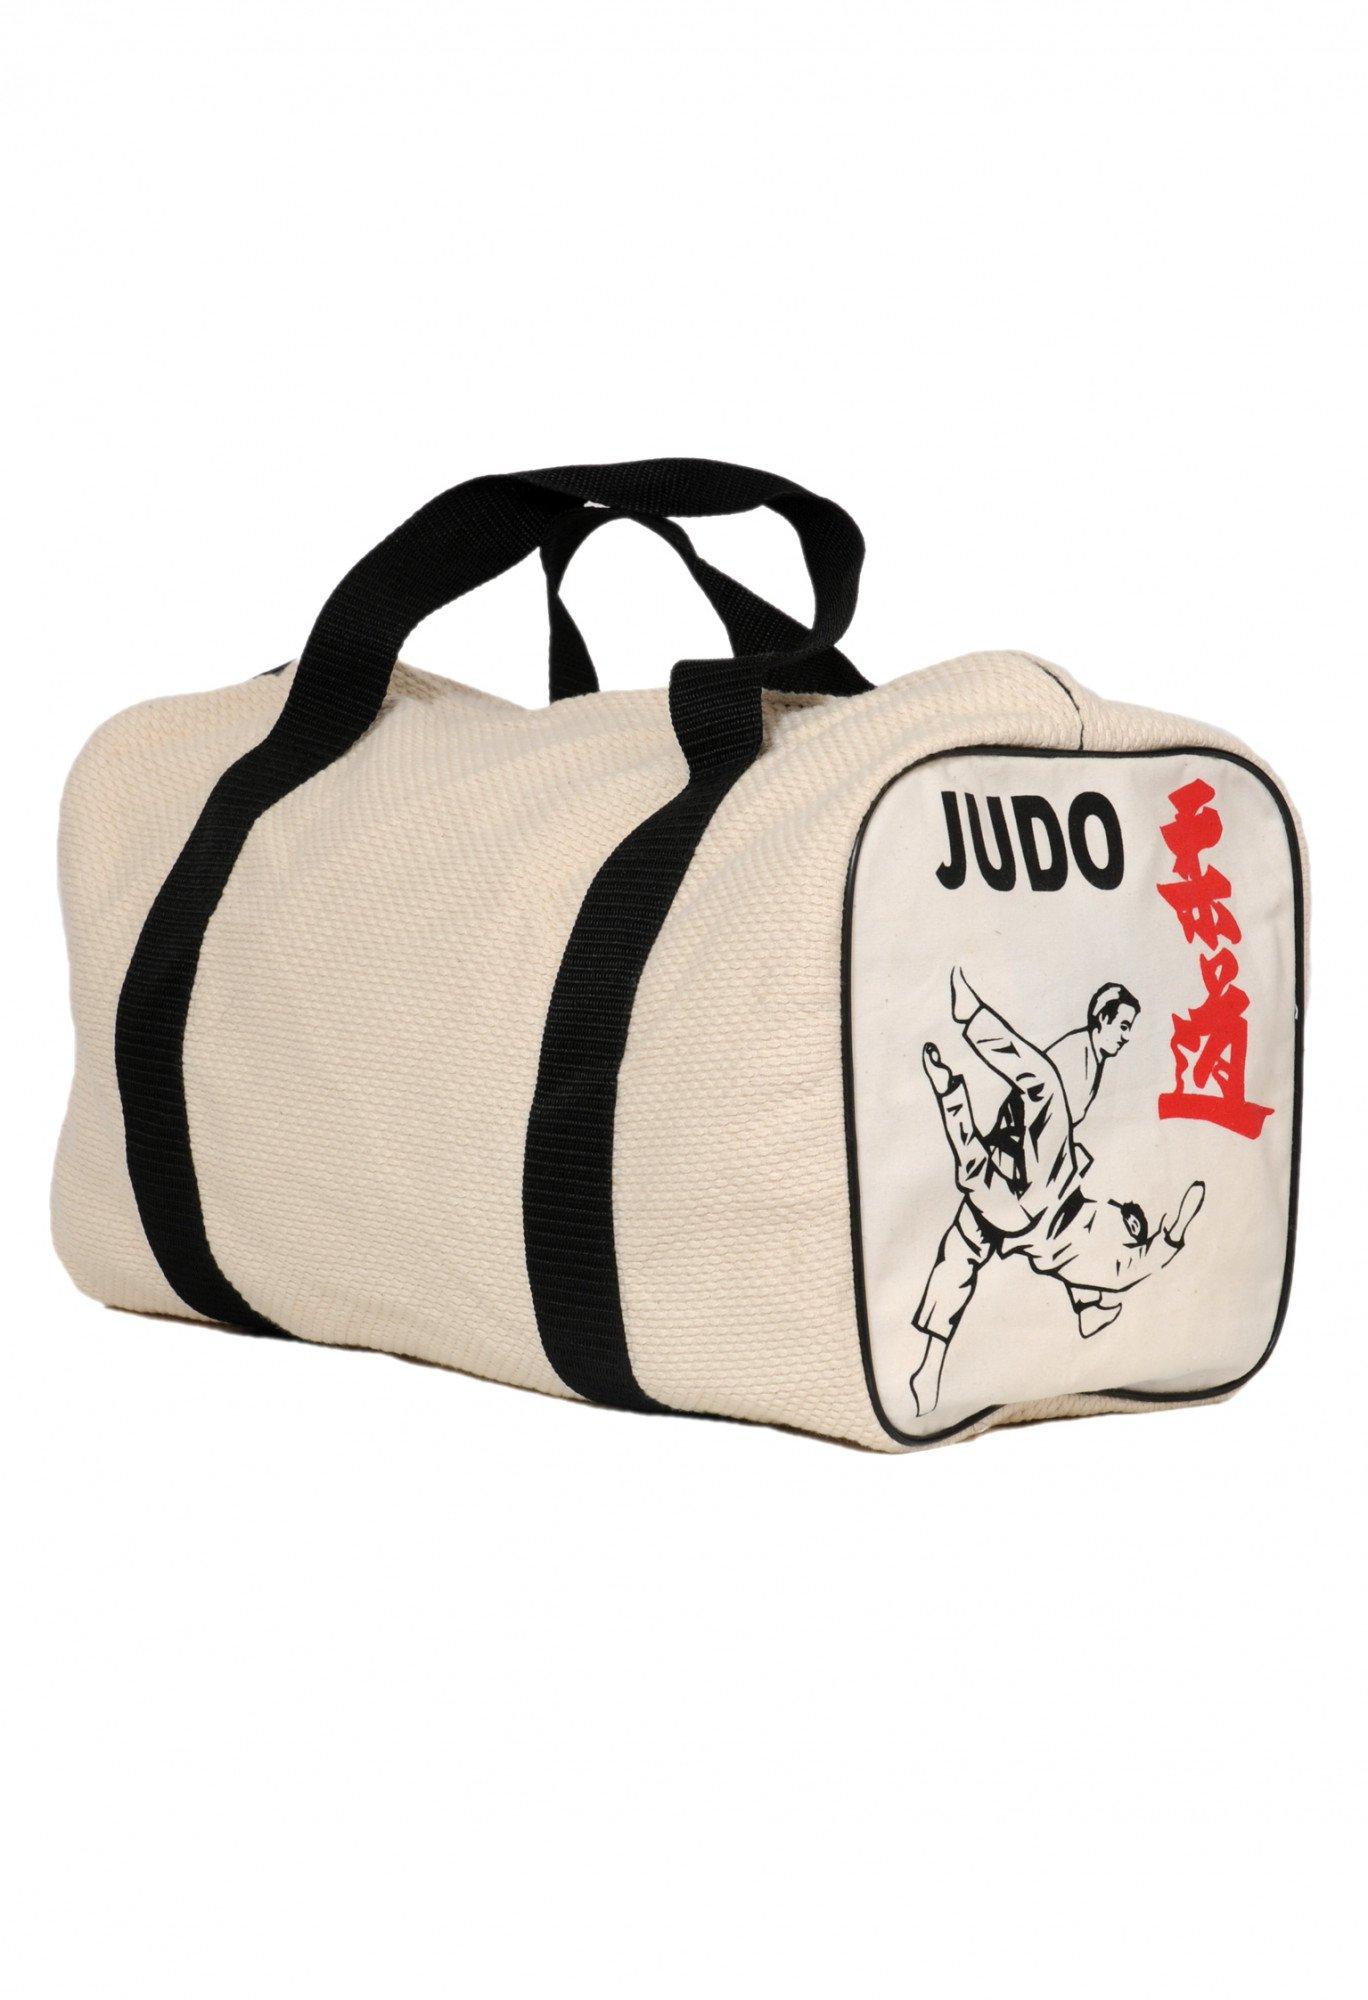 Sport Enfant Coton Judo Riz Sac De Grain rCoWxdBe